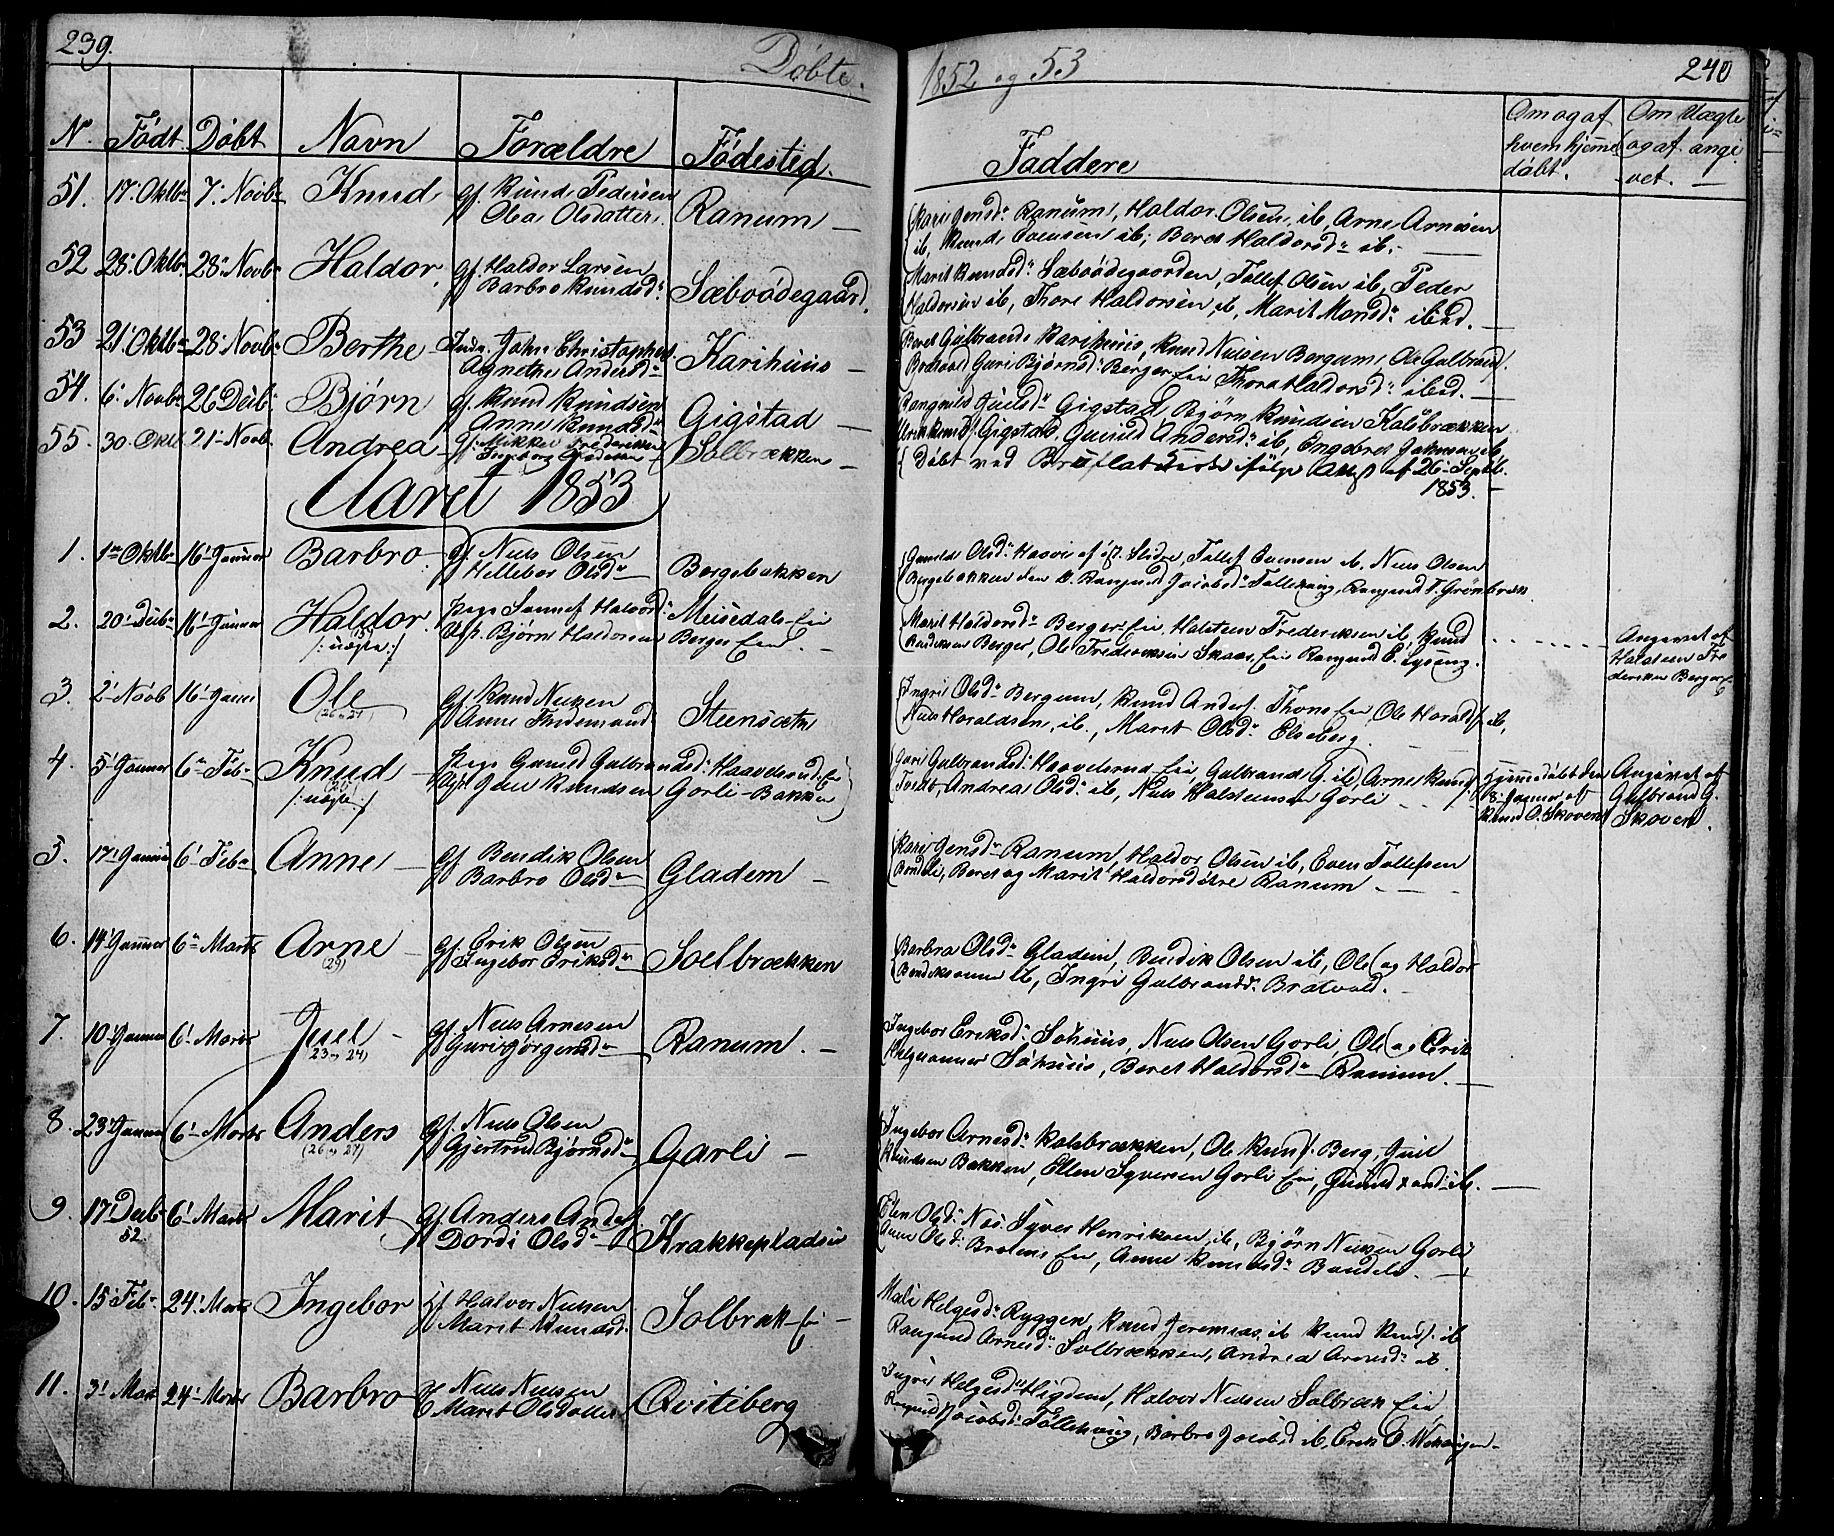 SAH, Nord-Aurdal prestekontor, Klokkerbok nr. 1, 1834-1887, s. 239-240